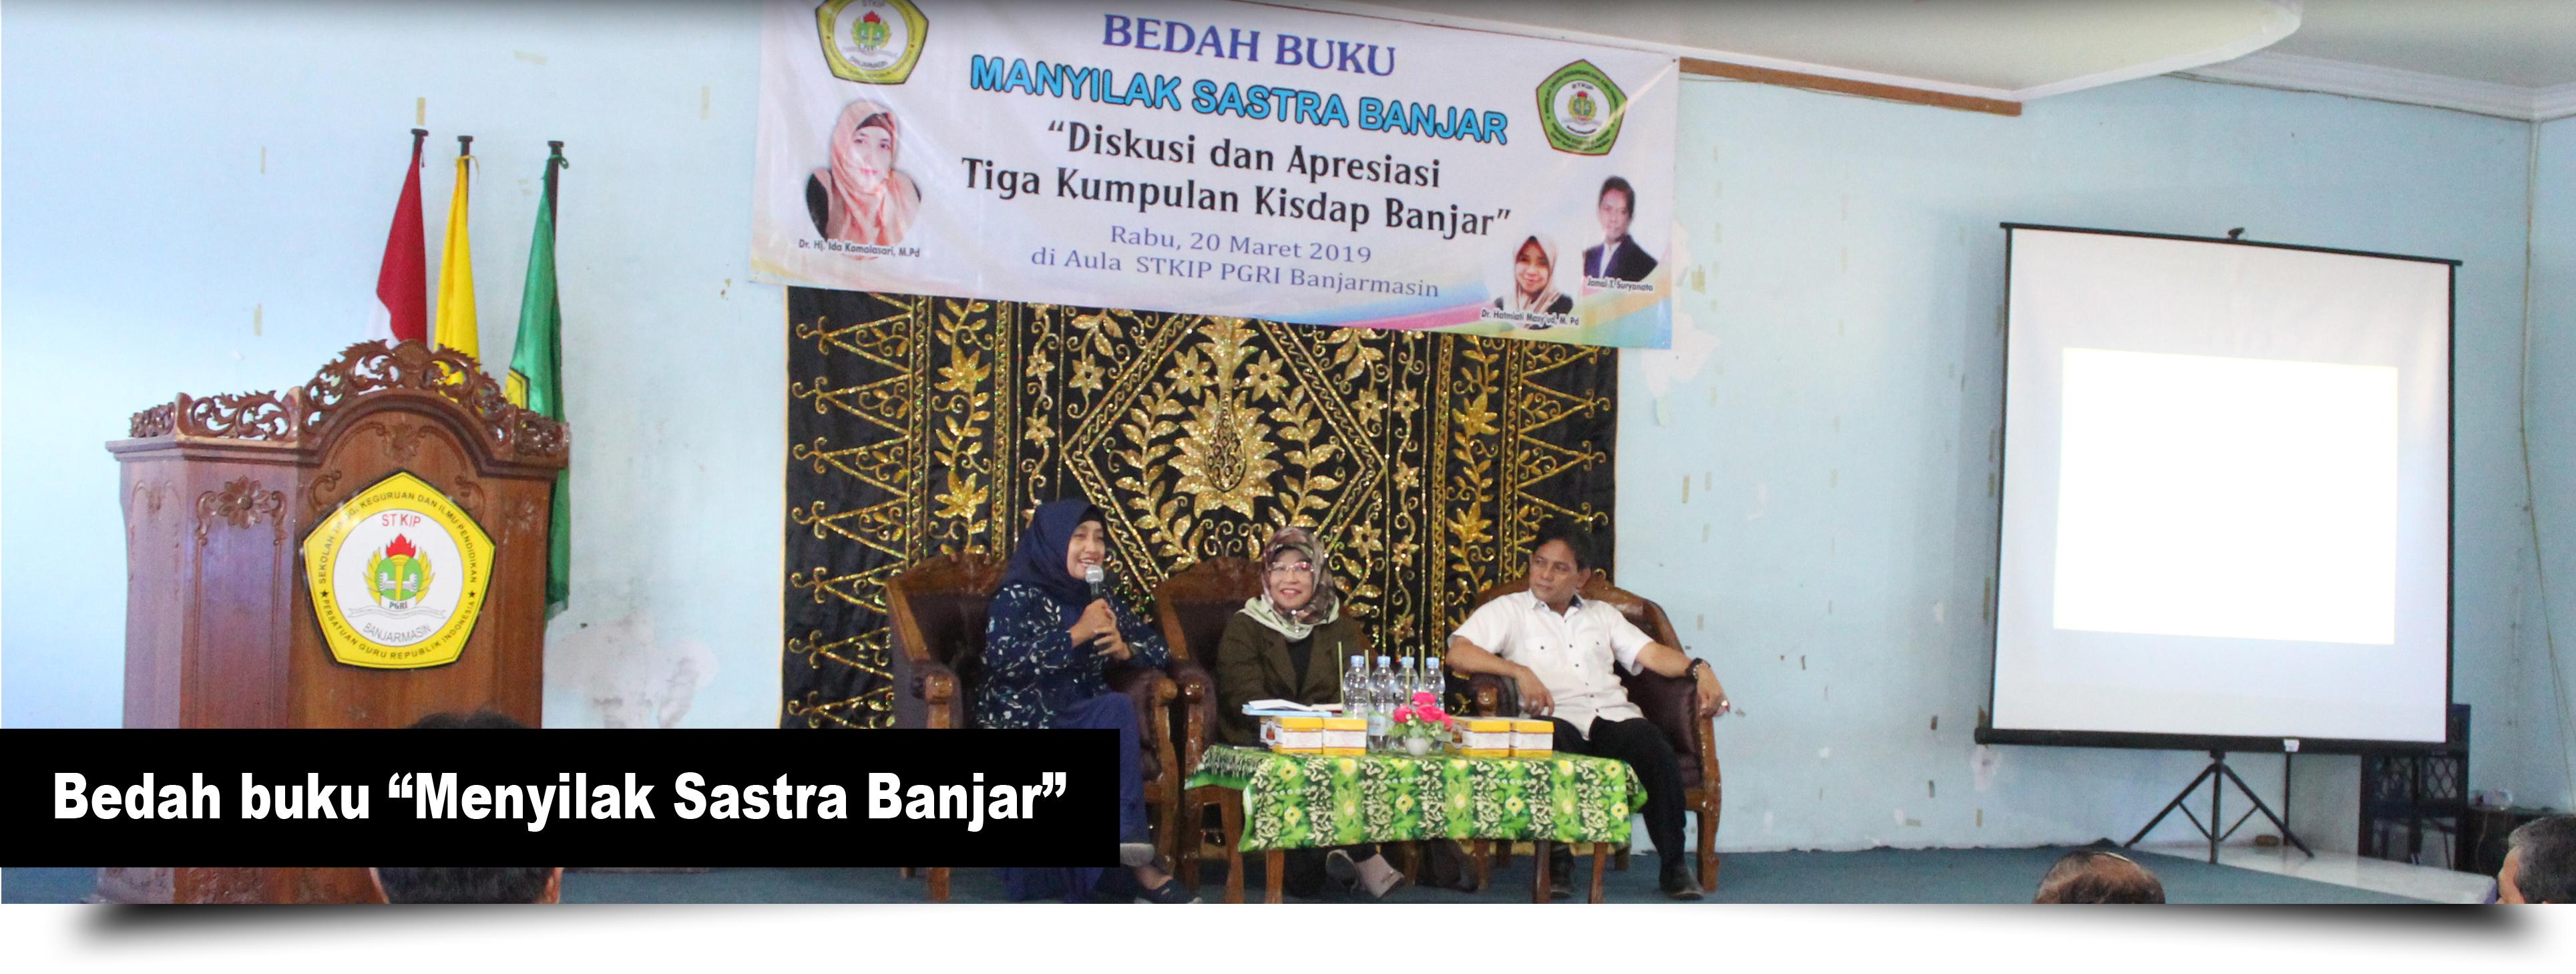 Bedah buku Menyilak Sastra Banjar